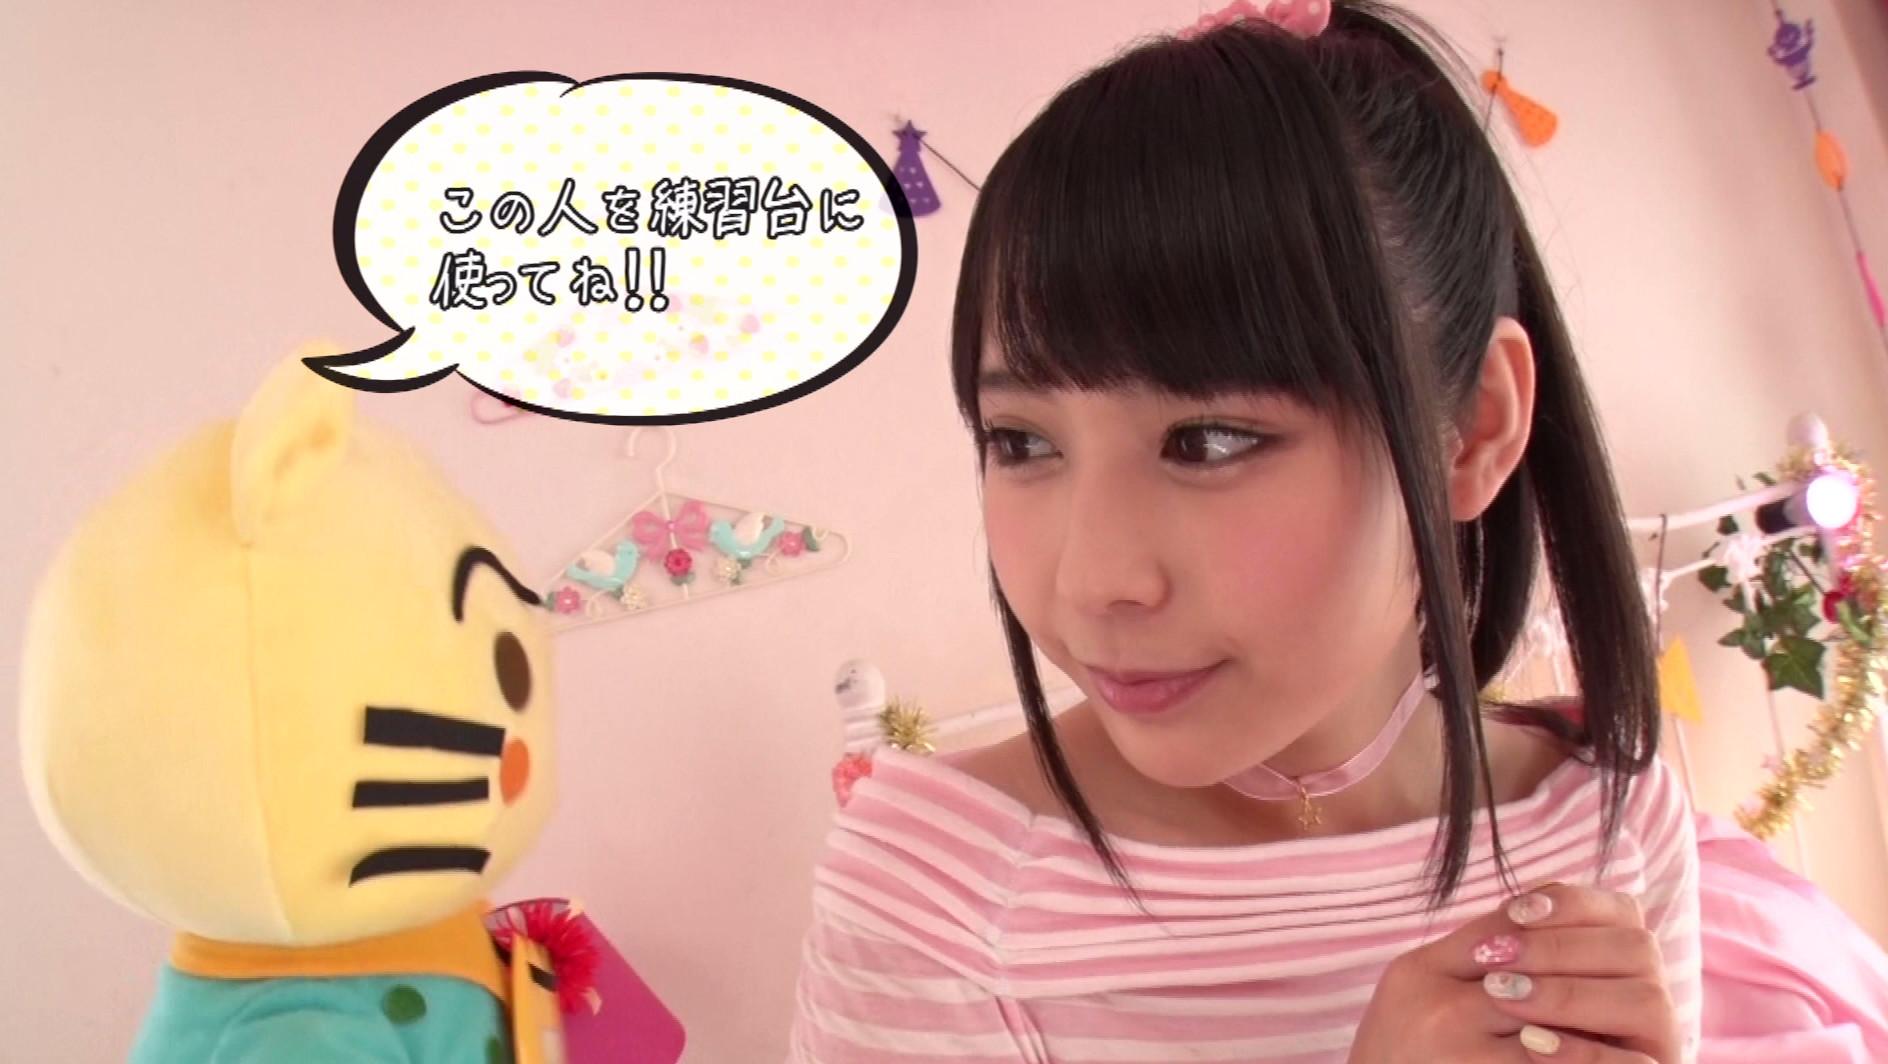 Super Idol Super Shot!! カワイイ顔して凄まじい射精へ導くスーパーアイドル 佳苗るか 画像2